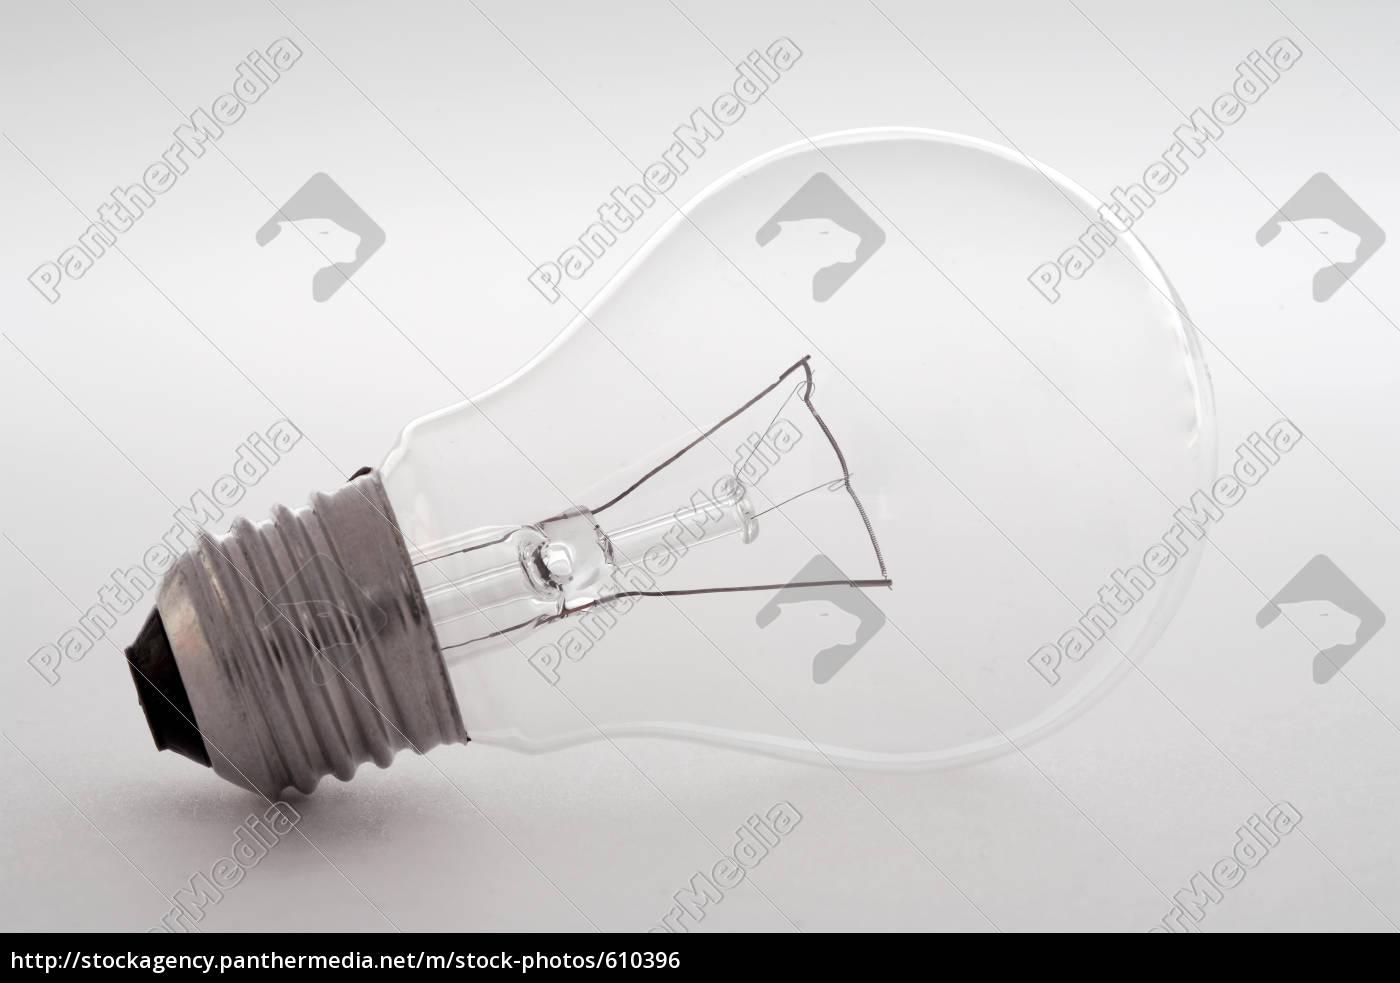 light, bulb - 610396